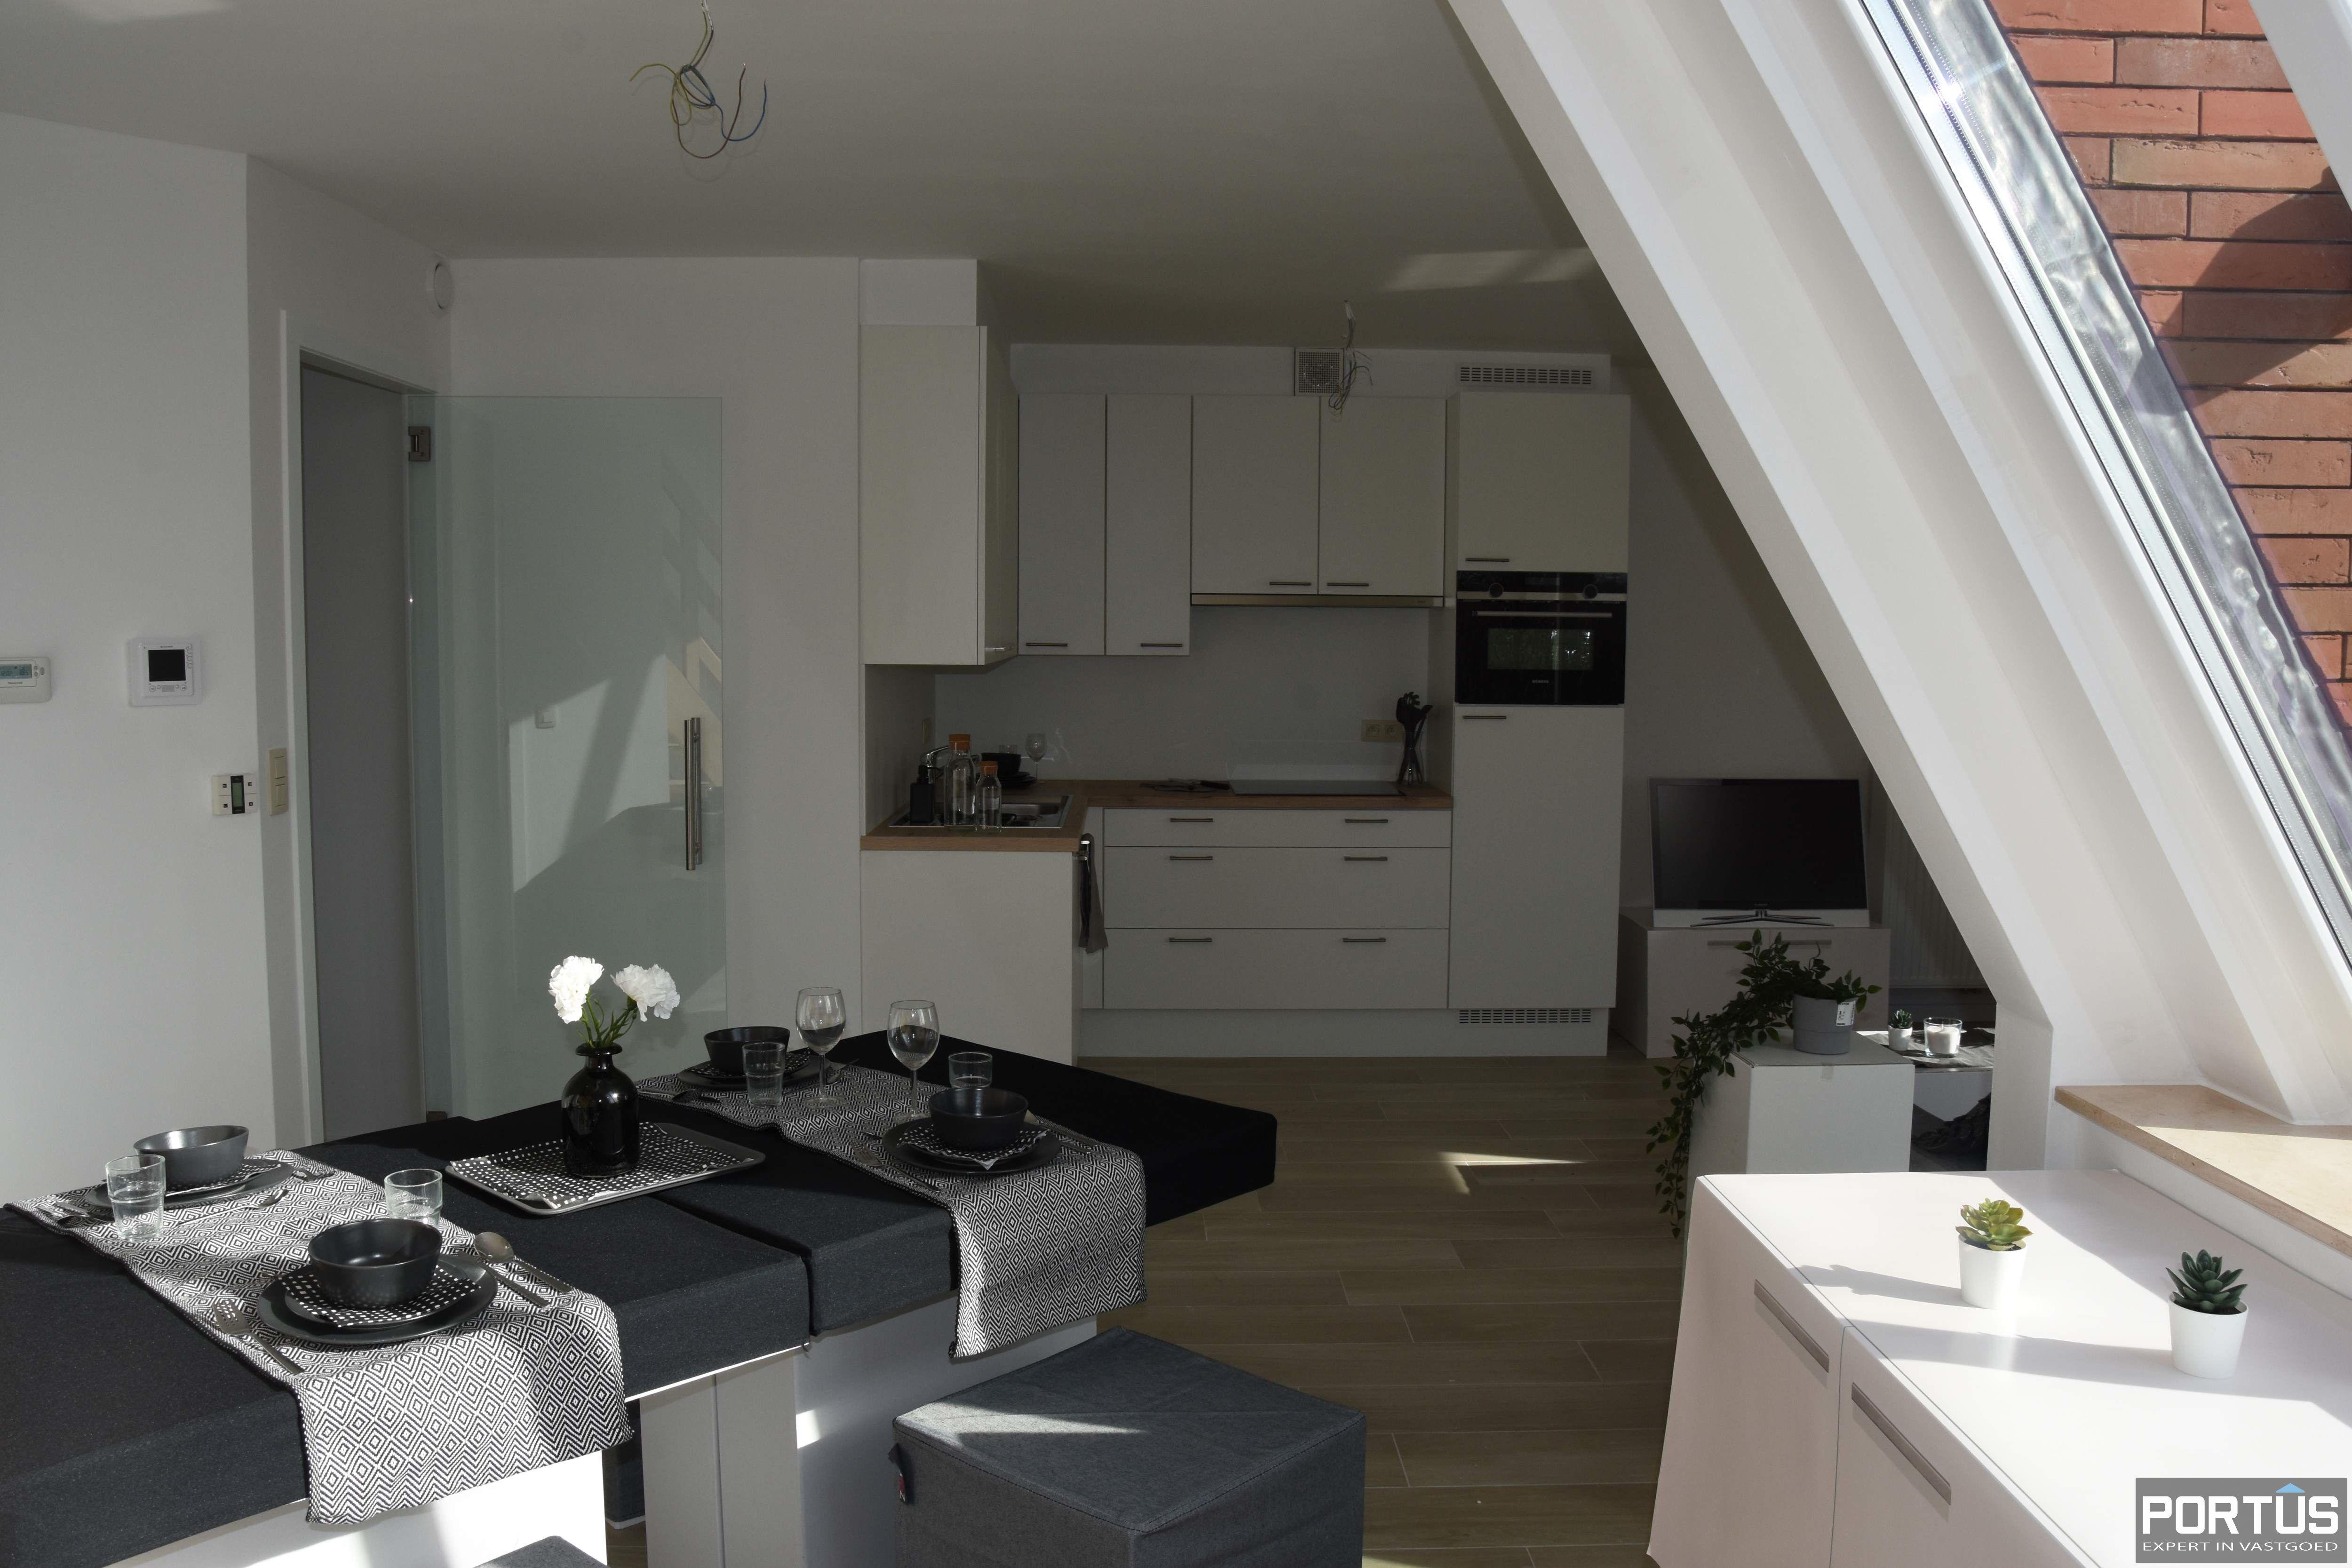 Appartement met 2 slaapkamers te koop te Nieuwpoort - 12311